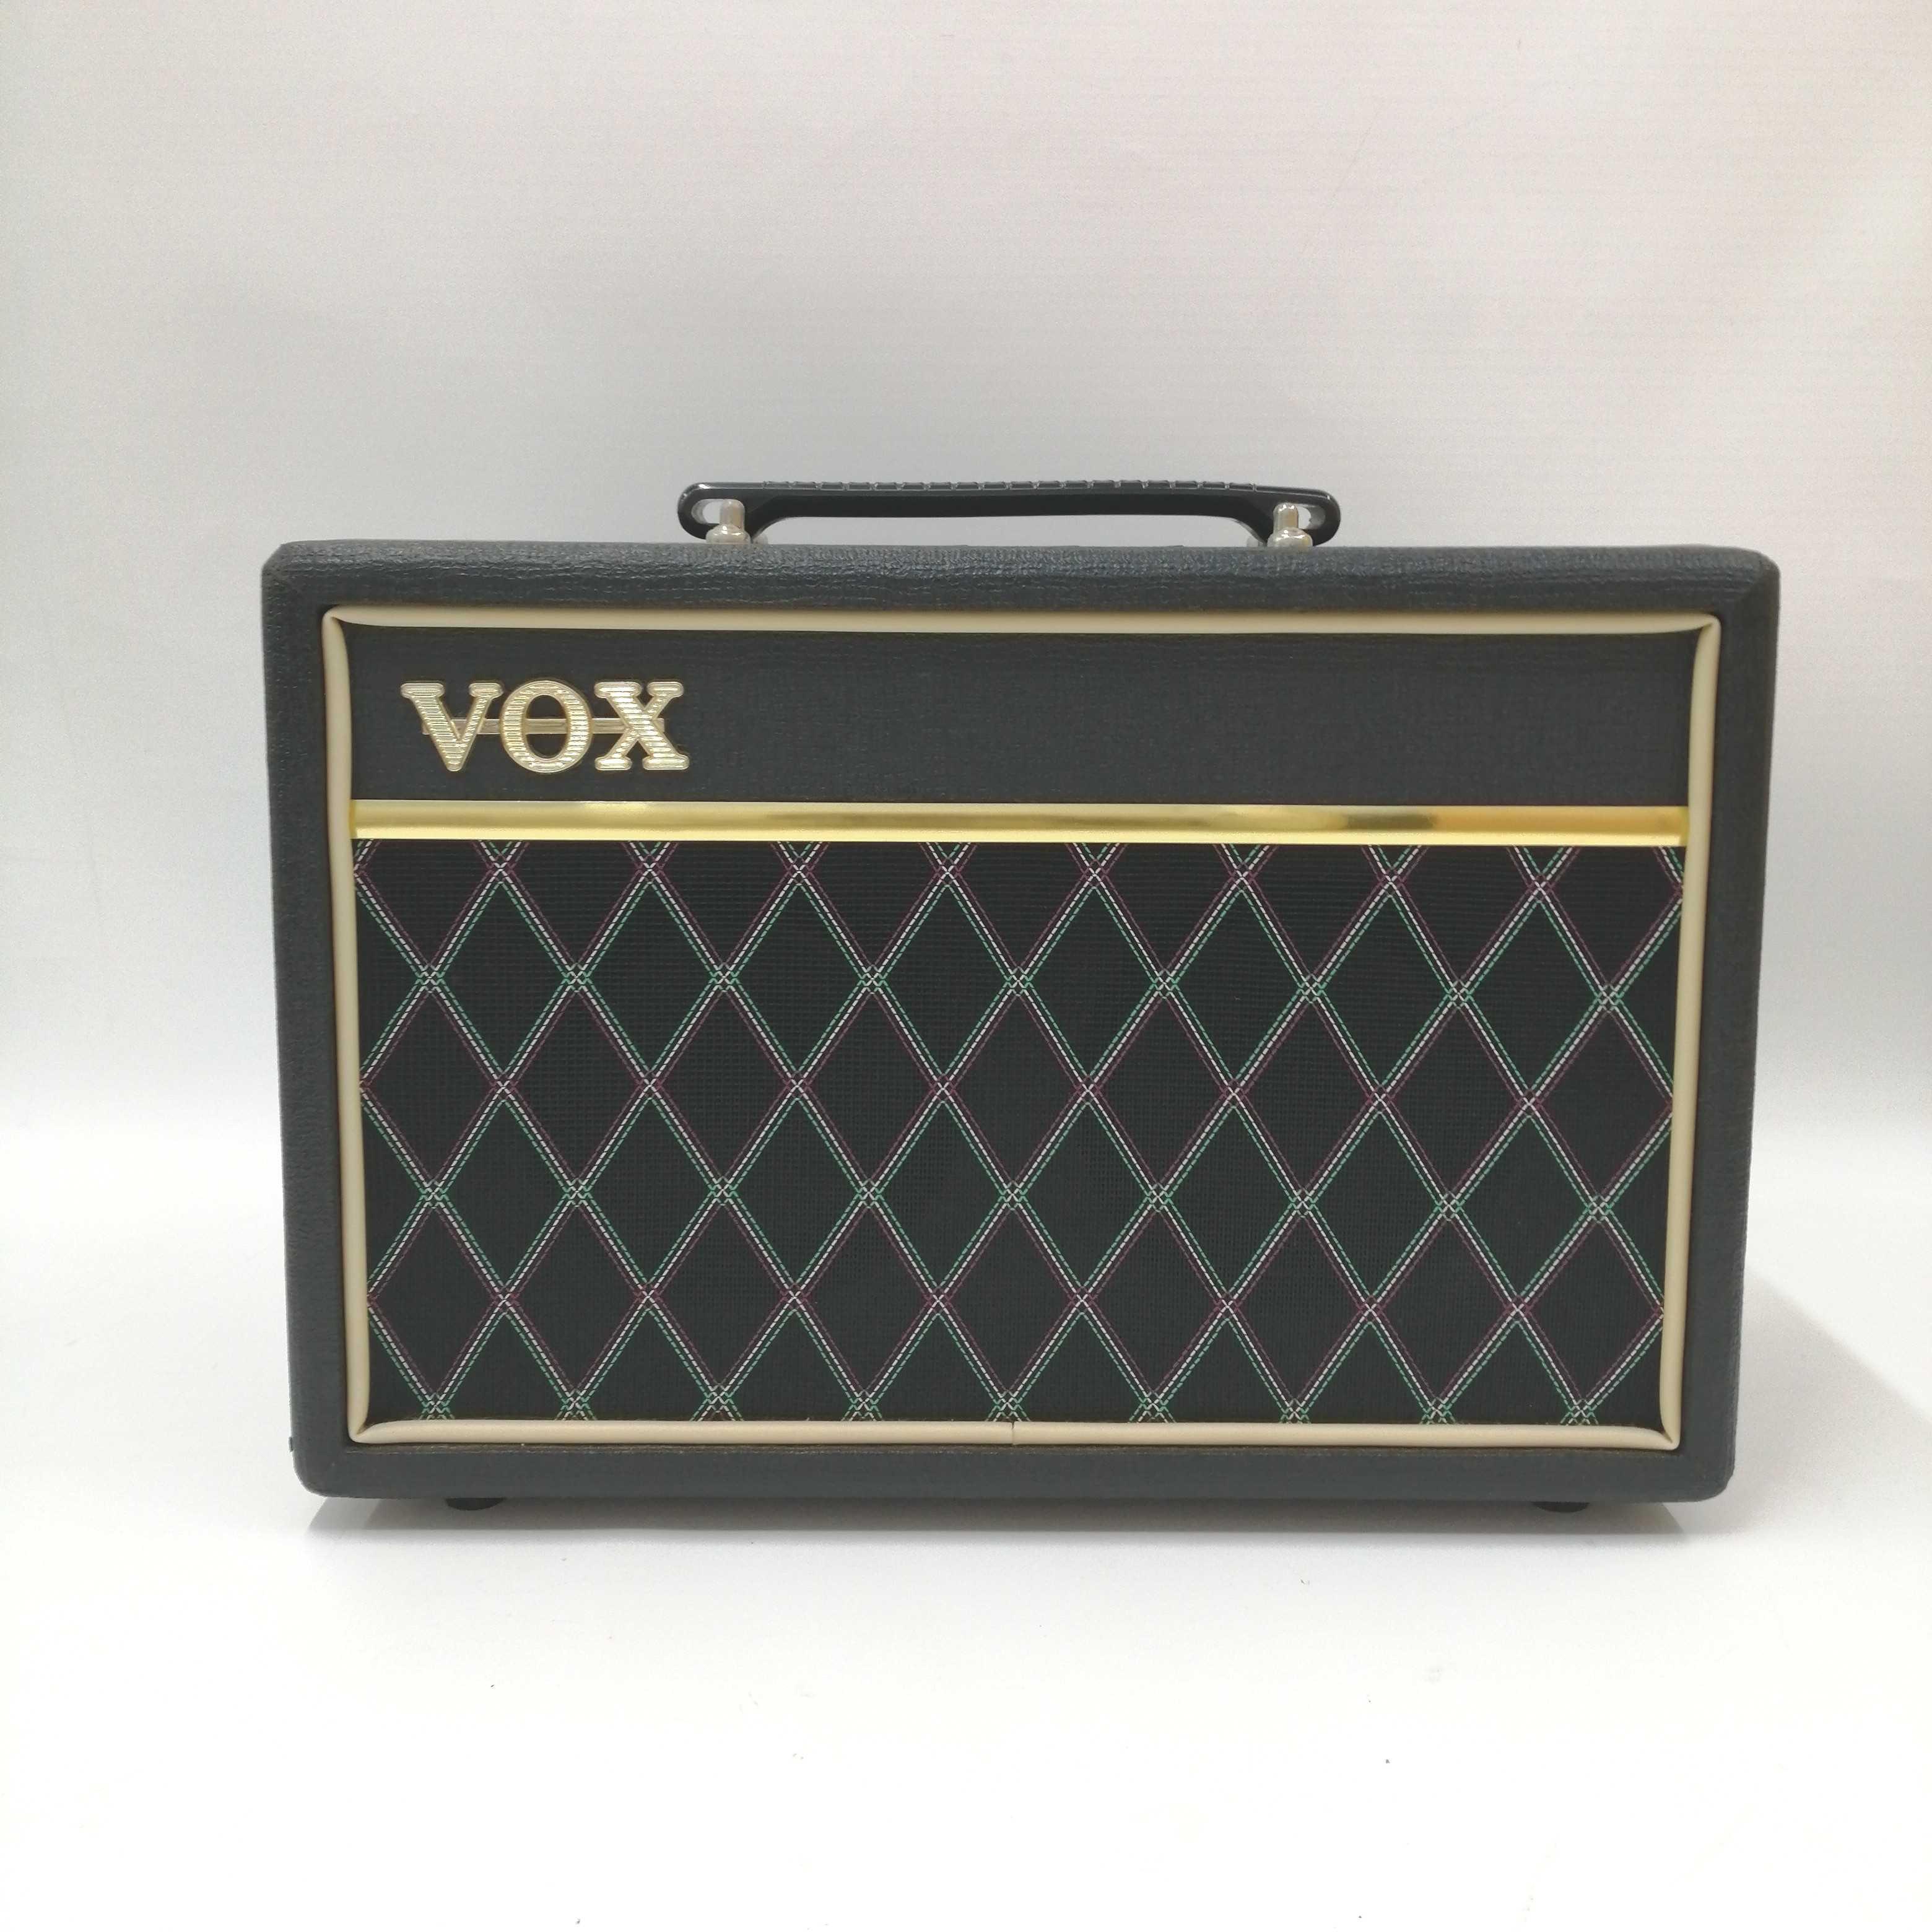 ベースアンプ|VOX